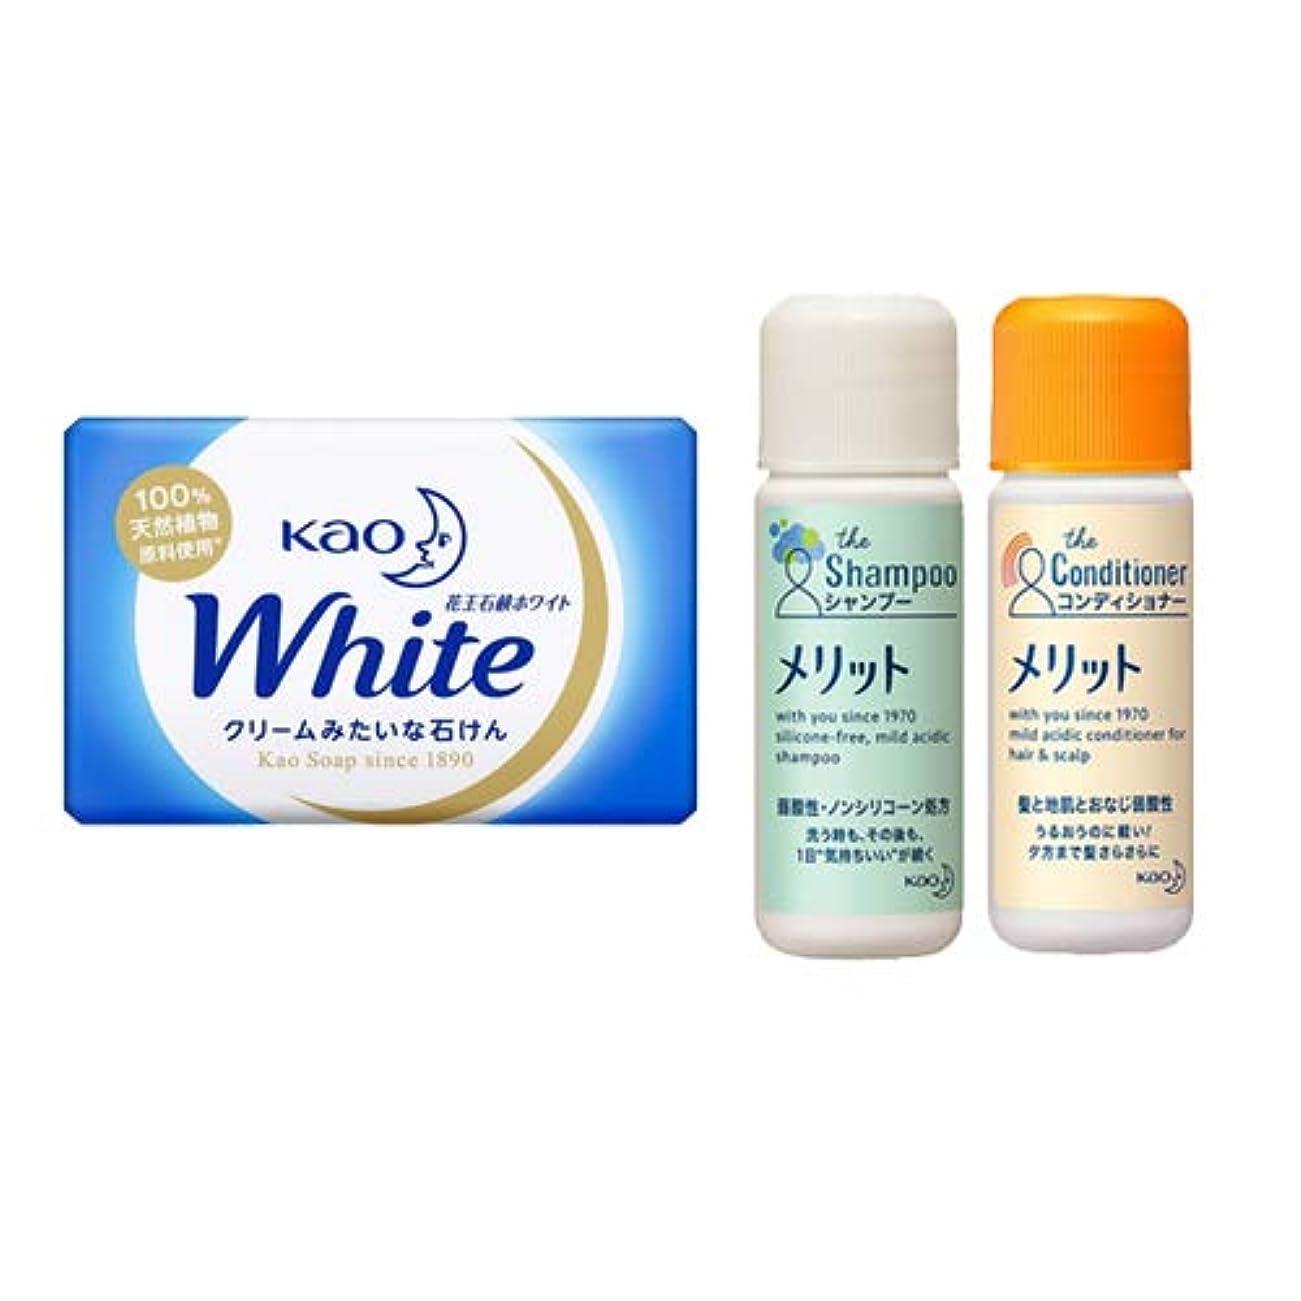 追い出すルートやけど花王(KAO) 石鹸ホワイト(Kao Soap White) 15g + メリットシャンプー 16ml + リンス 16ml セット